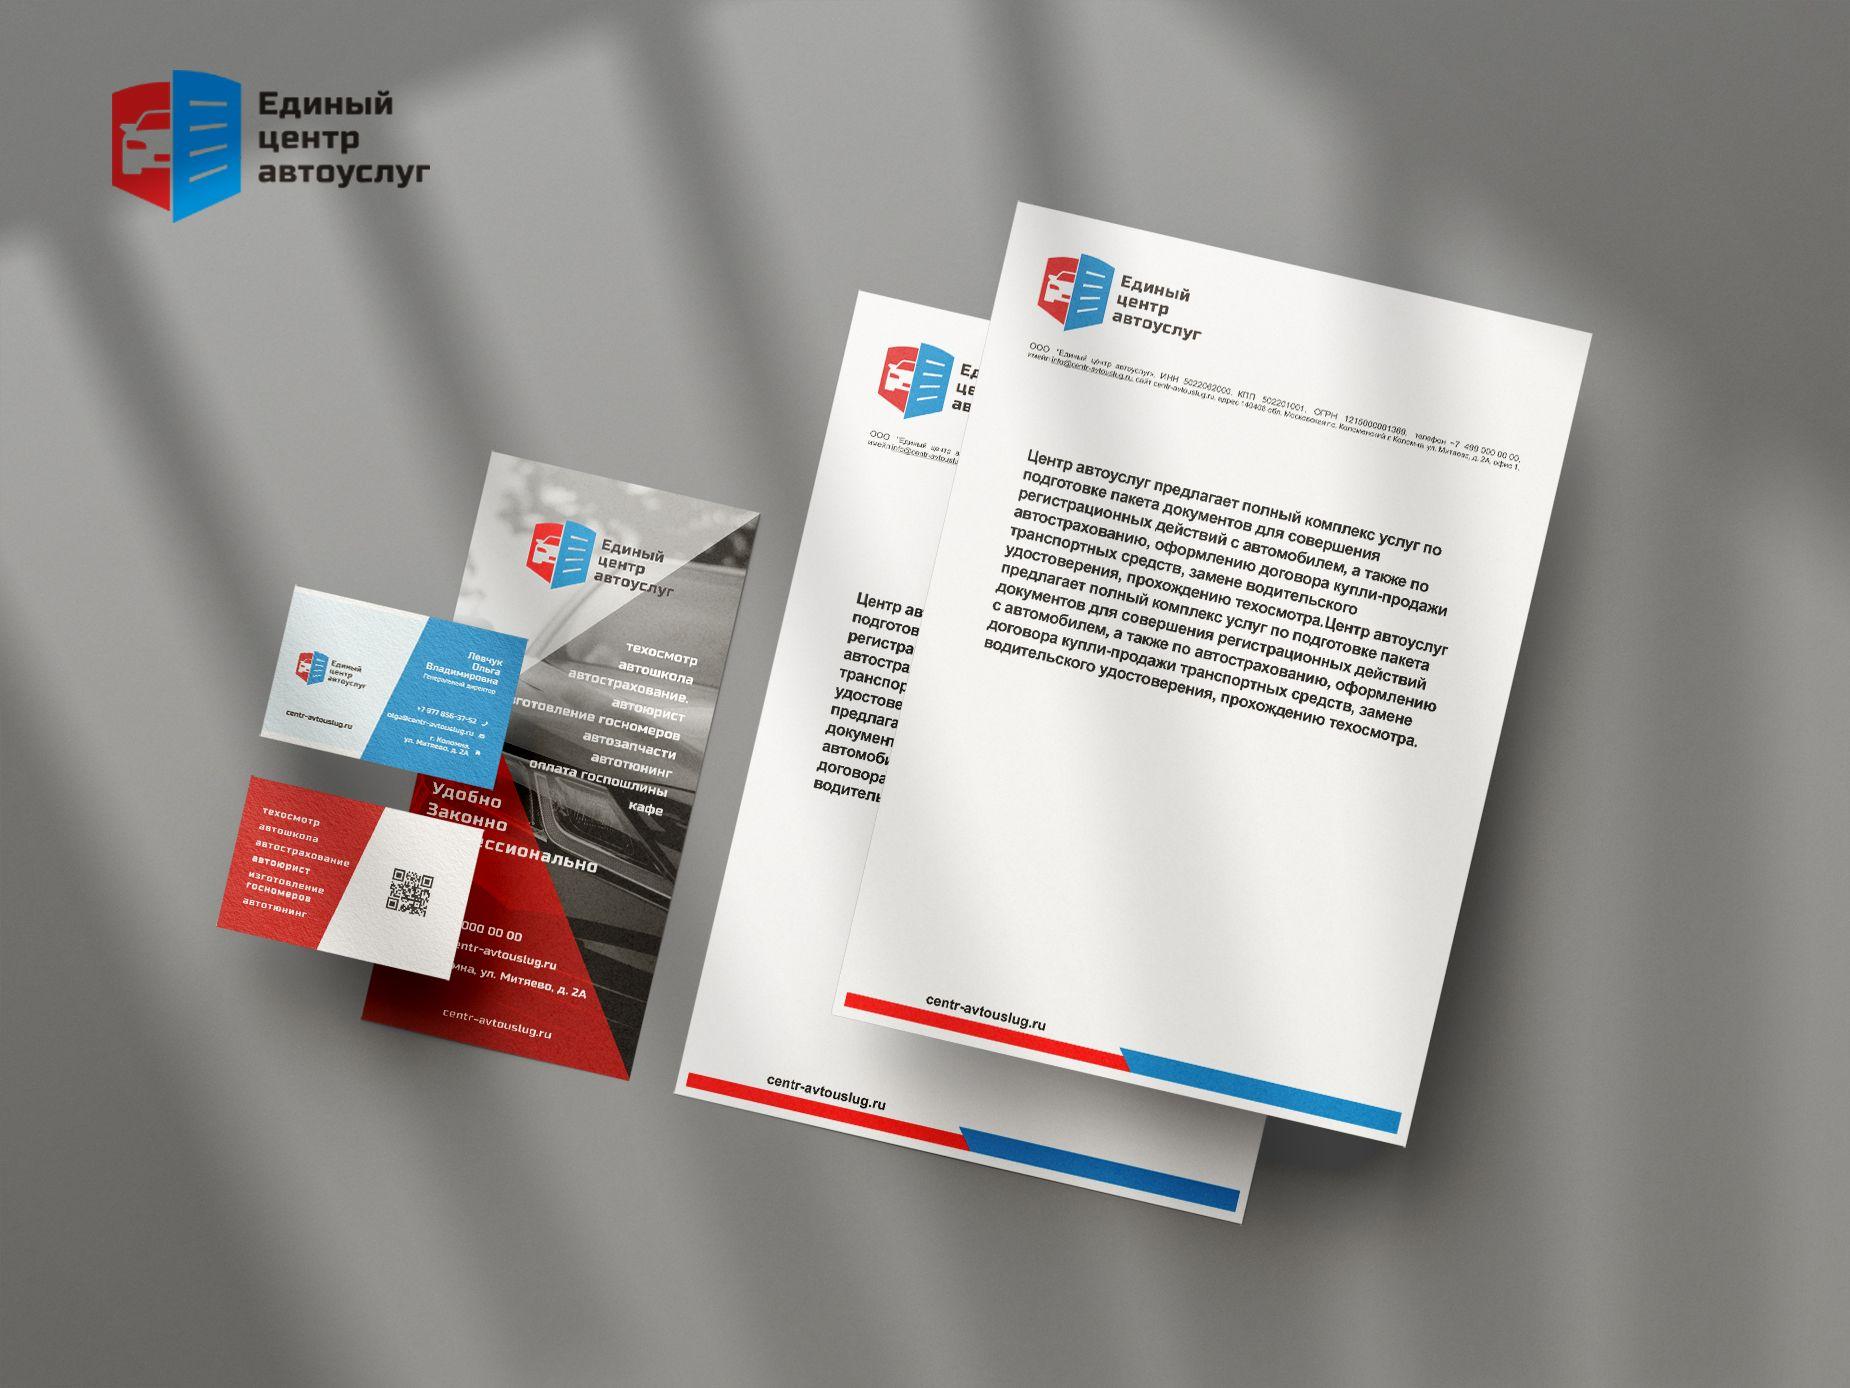 Лого и фирменный стиль для Единый центр автоуслуг - дизайнер markosov